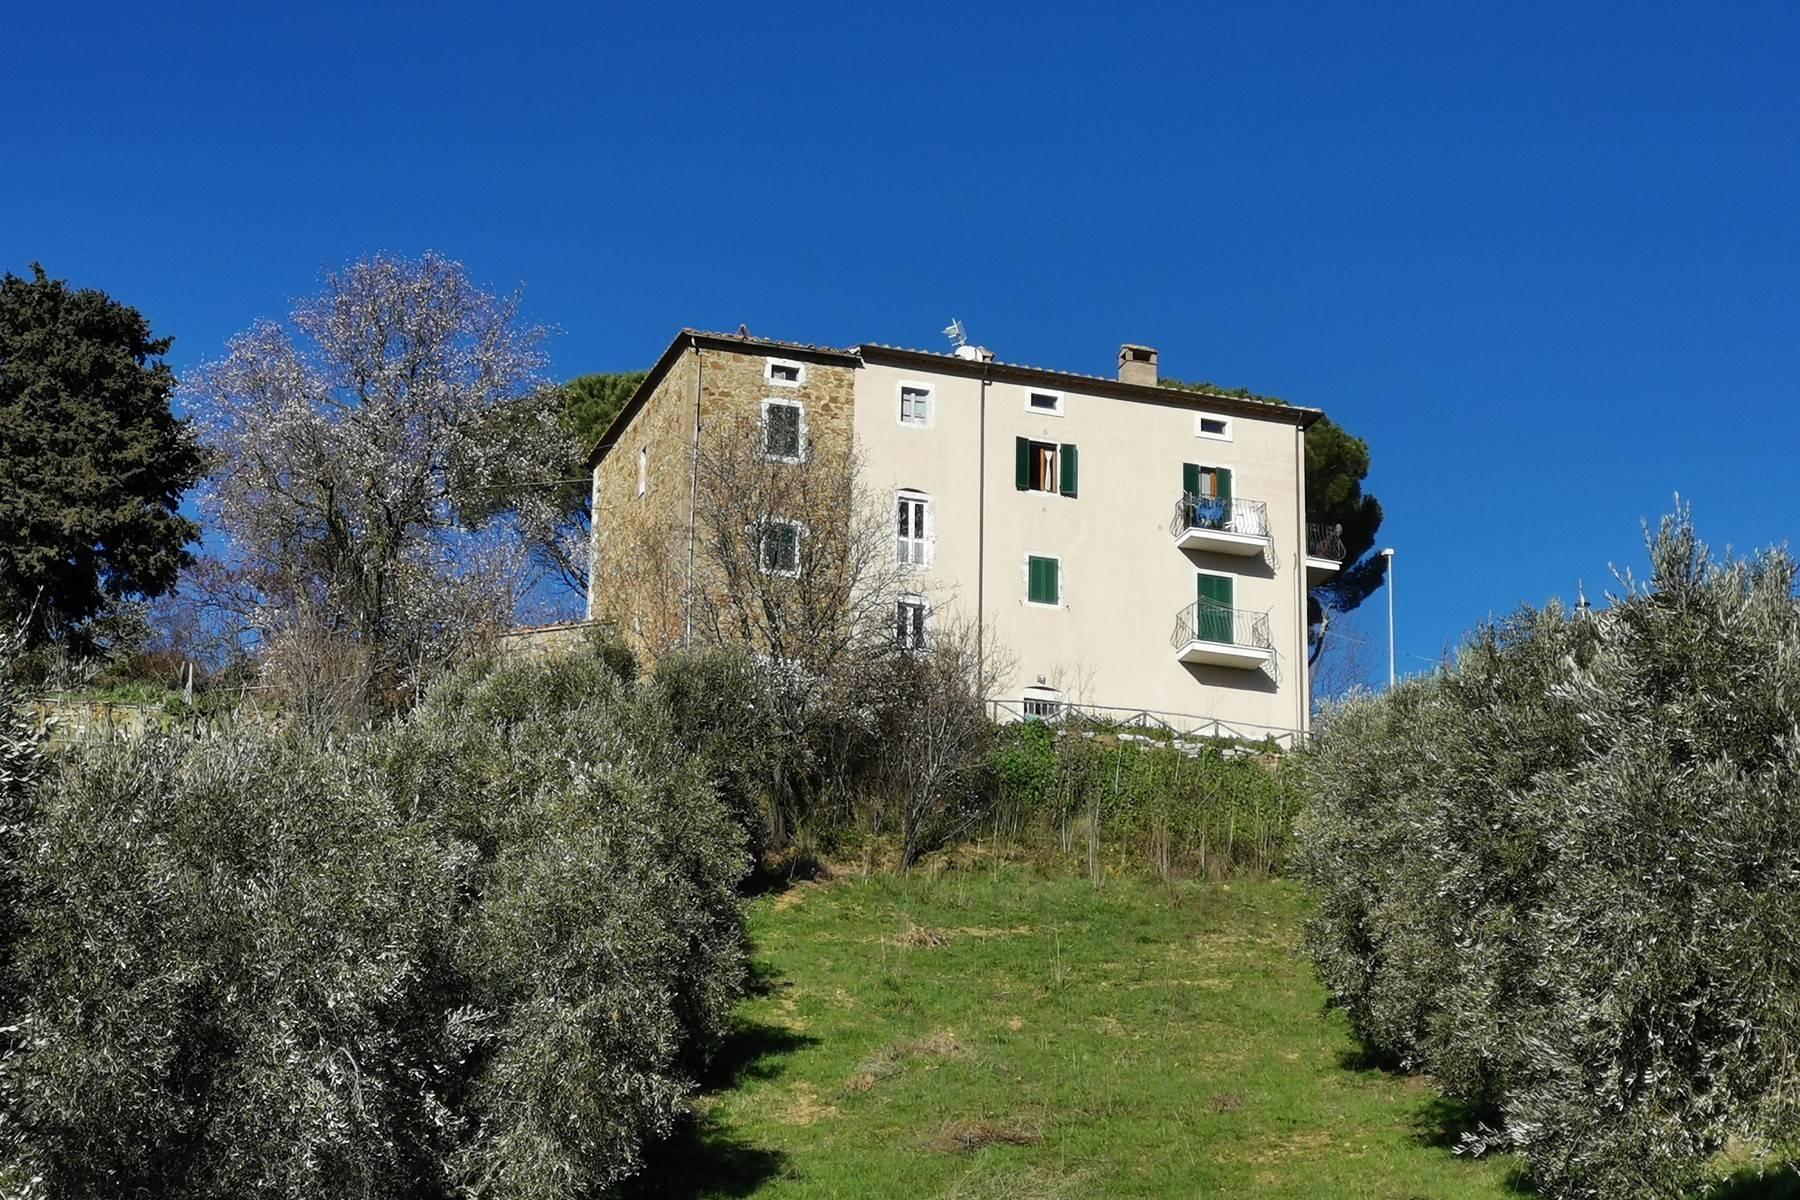 Casa indipendente in Vendita a Manciano: 5 locali, 585 mq - Foto 12